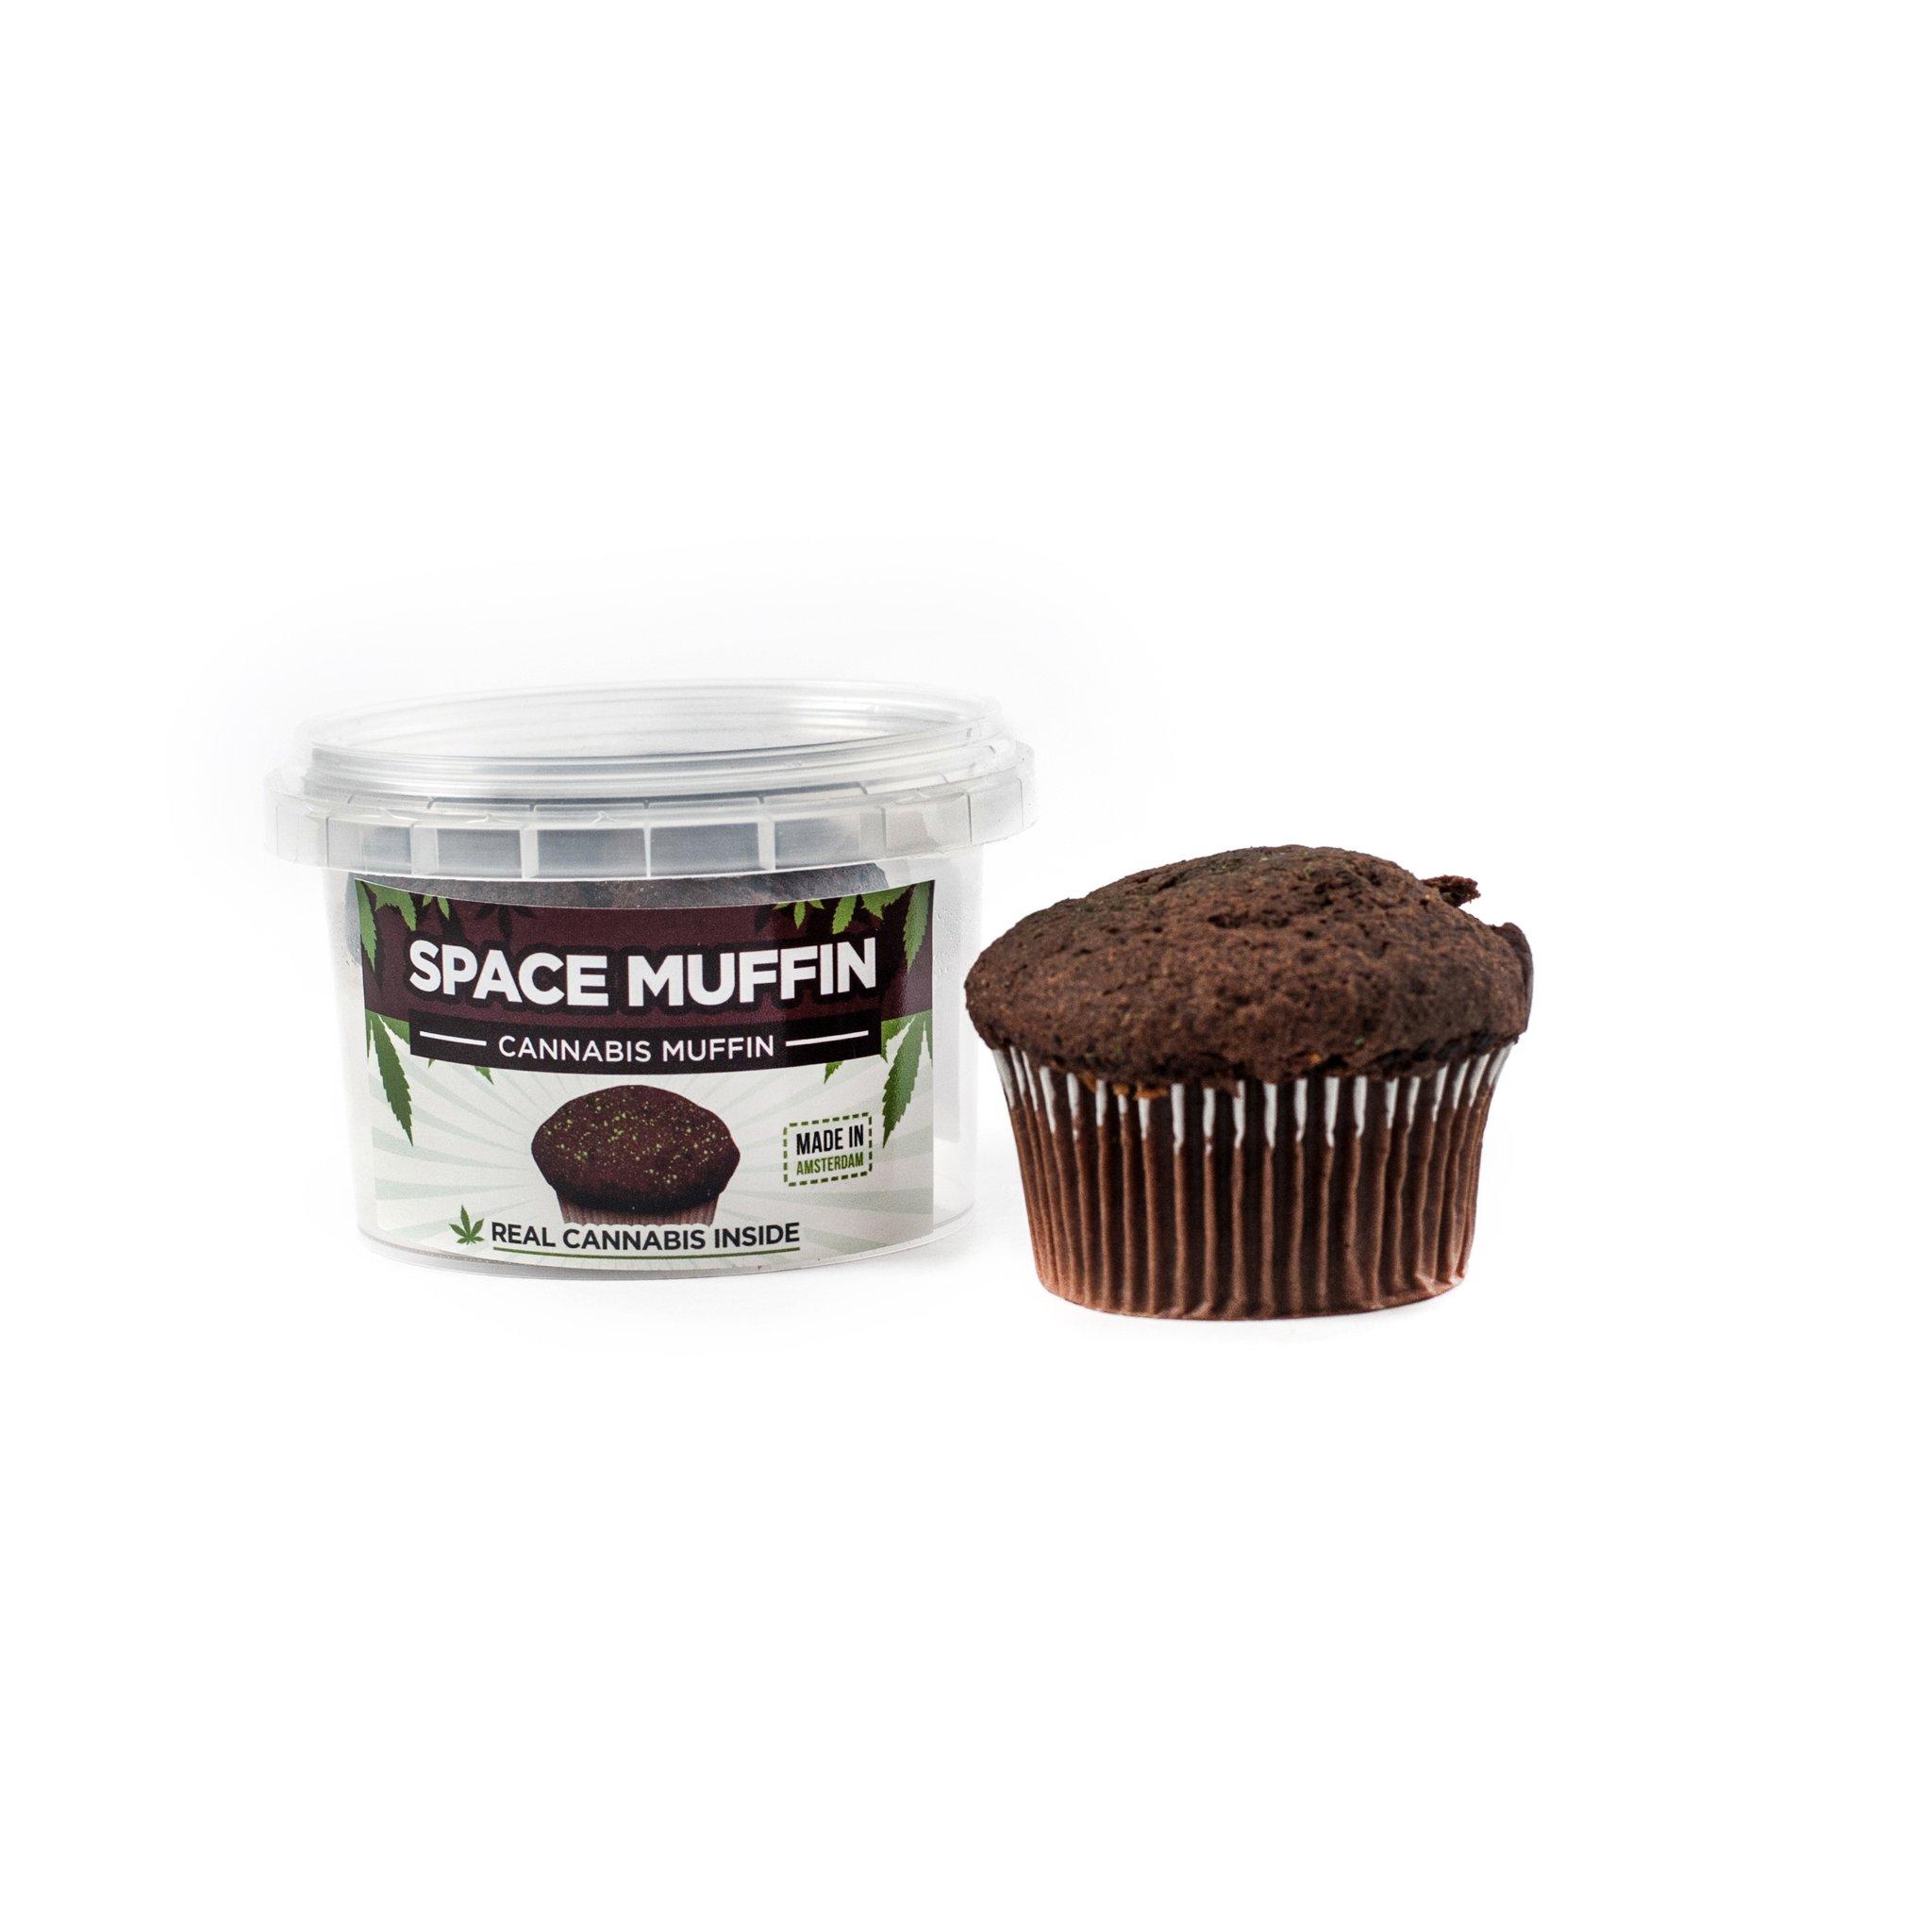 Muffin_1024x1024_2x (1)